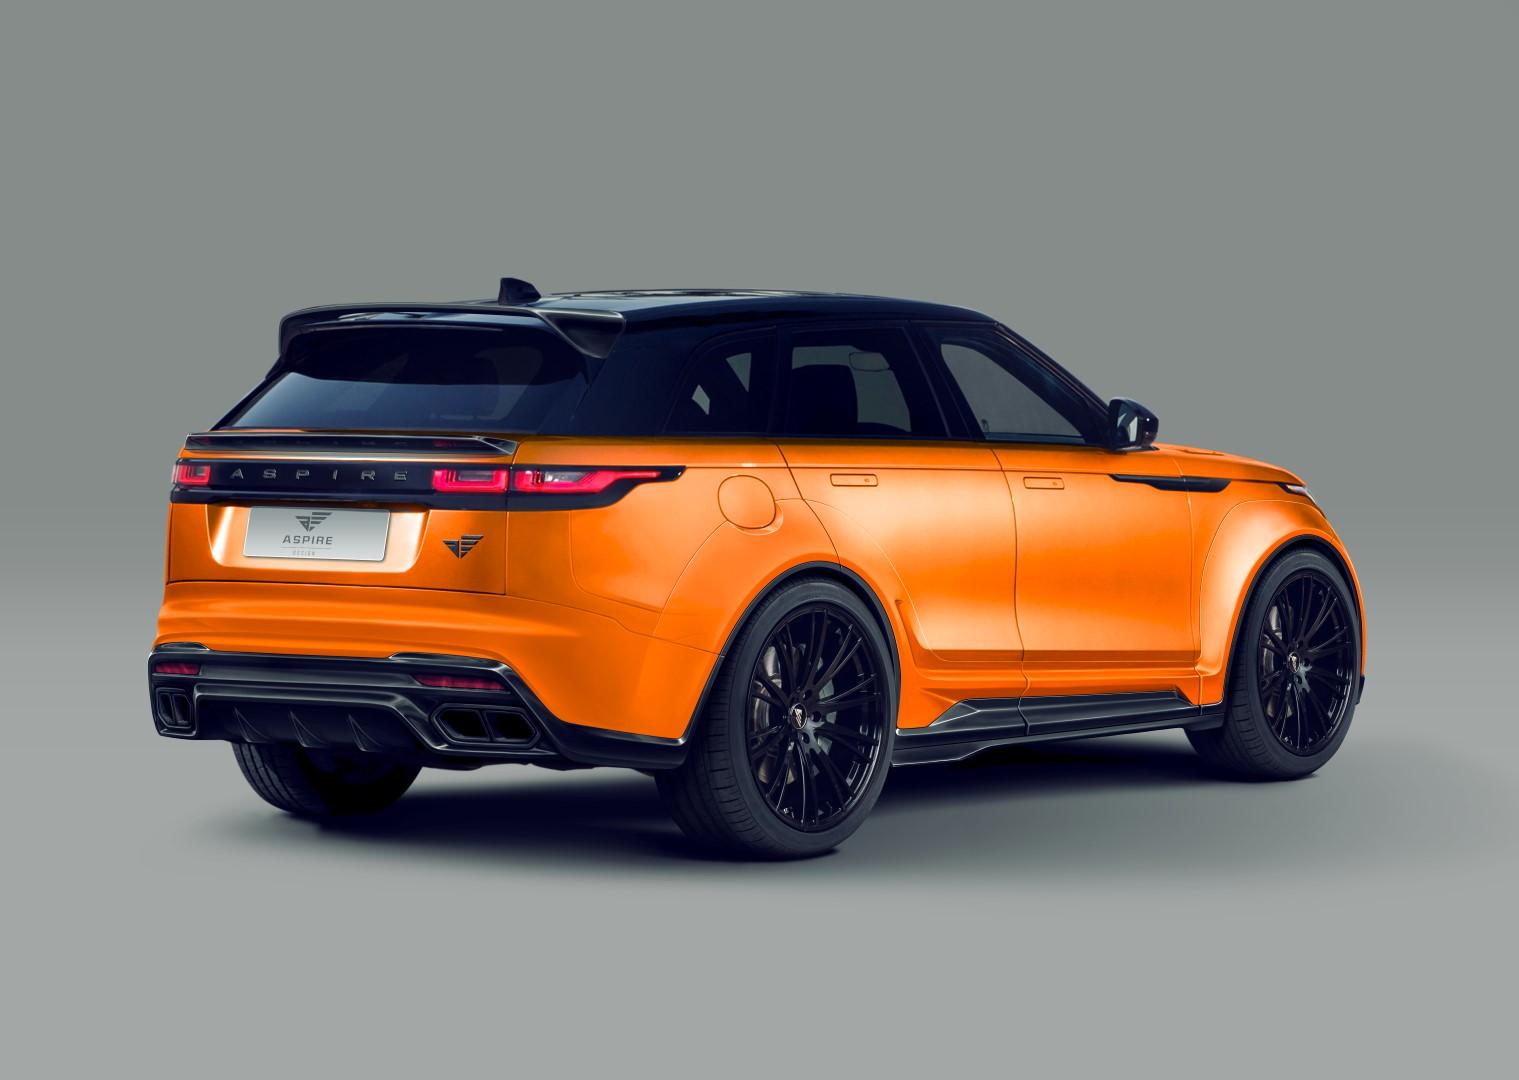 Wide Body Range Rover Velar Thanks To Aspire Design